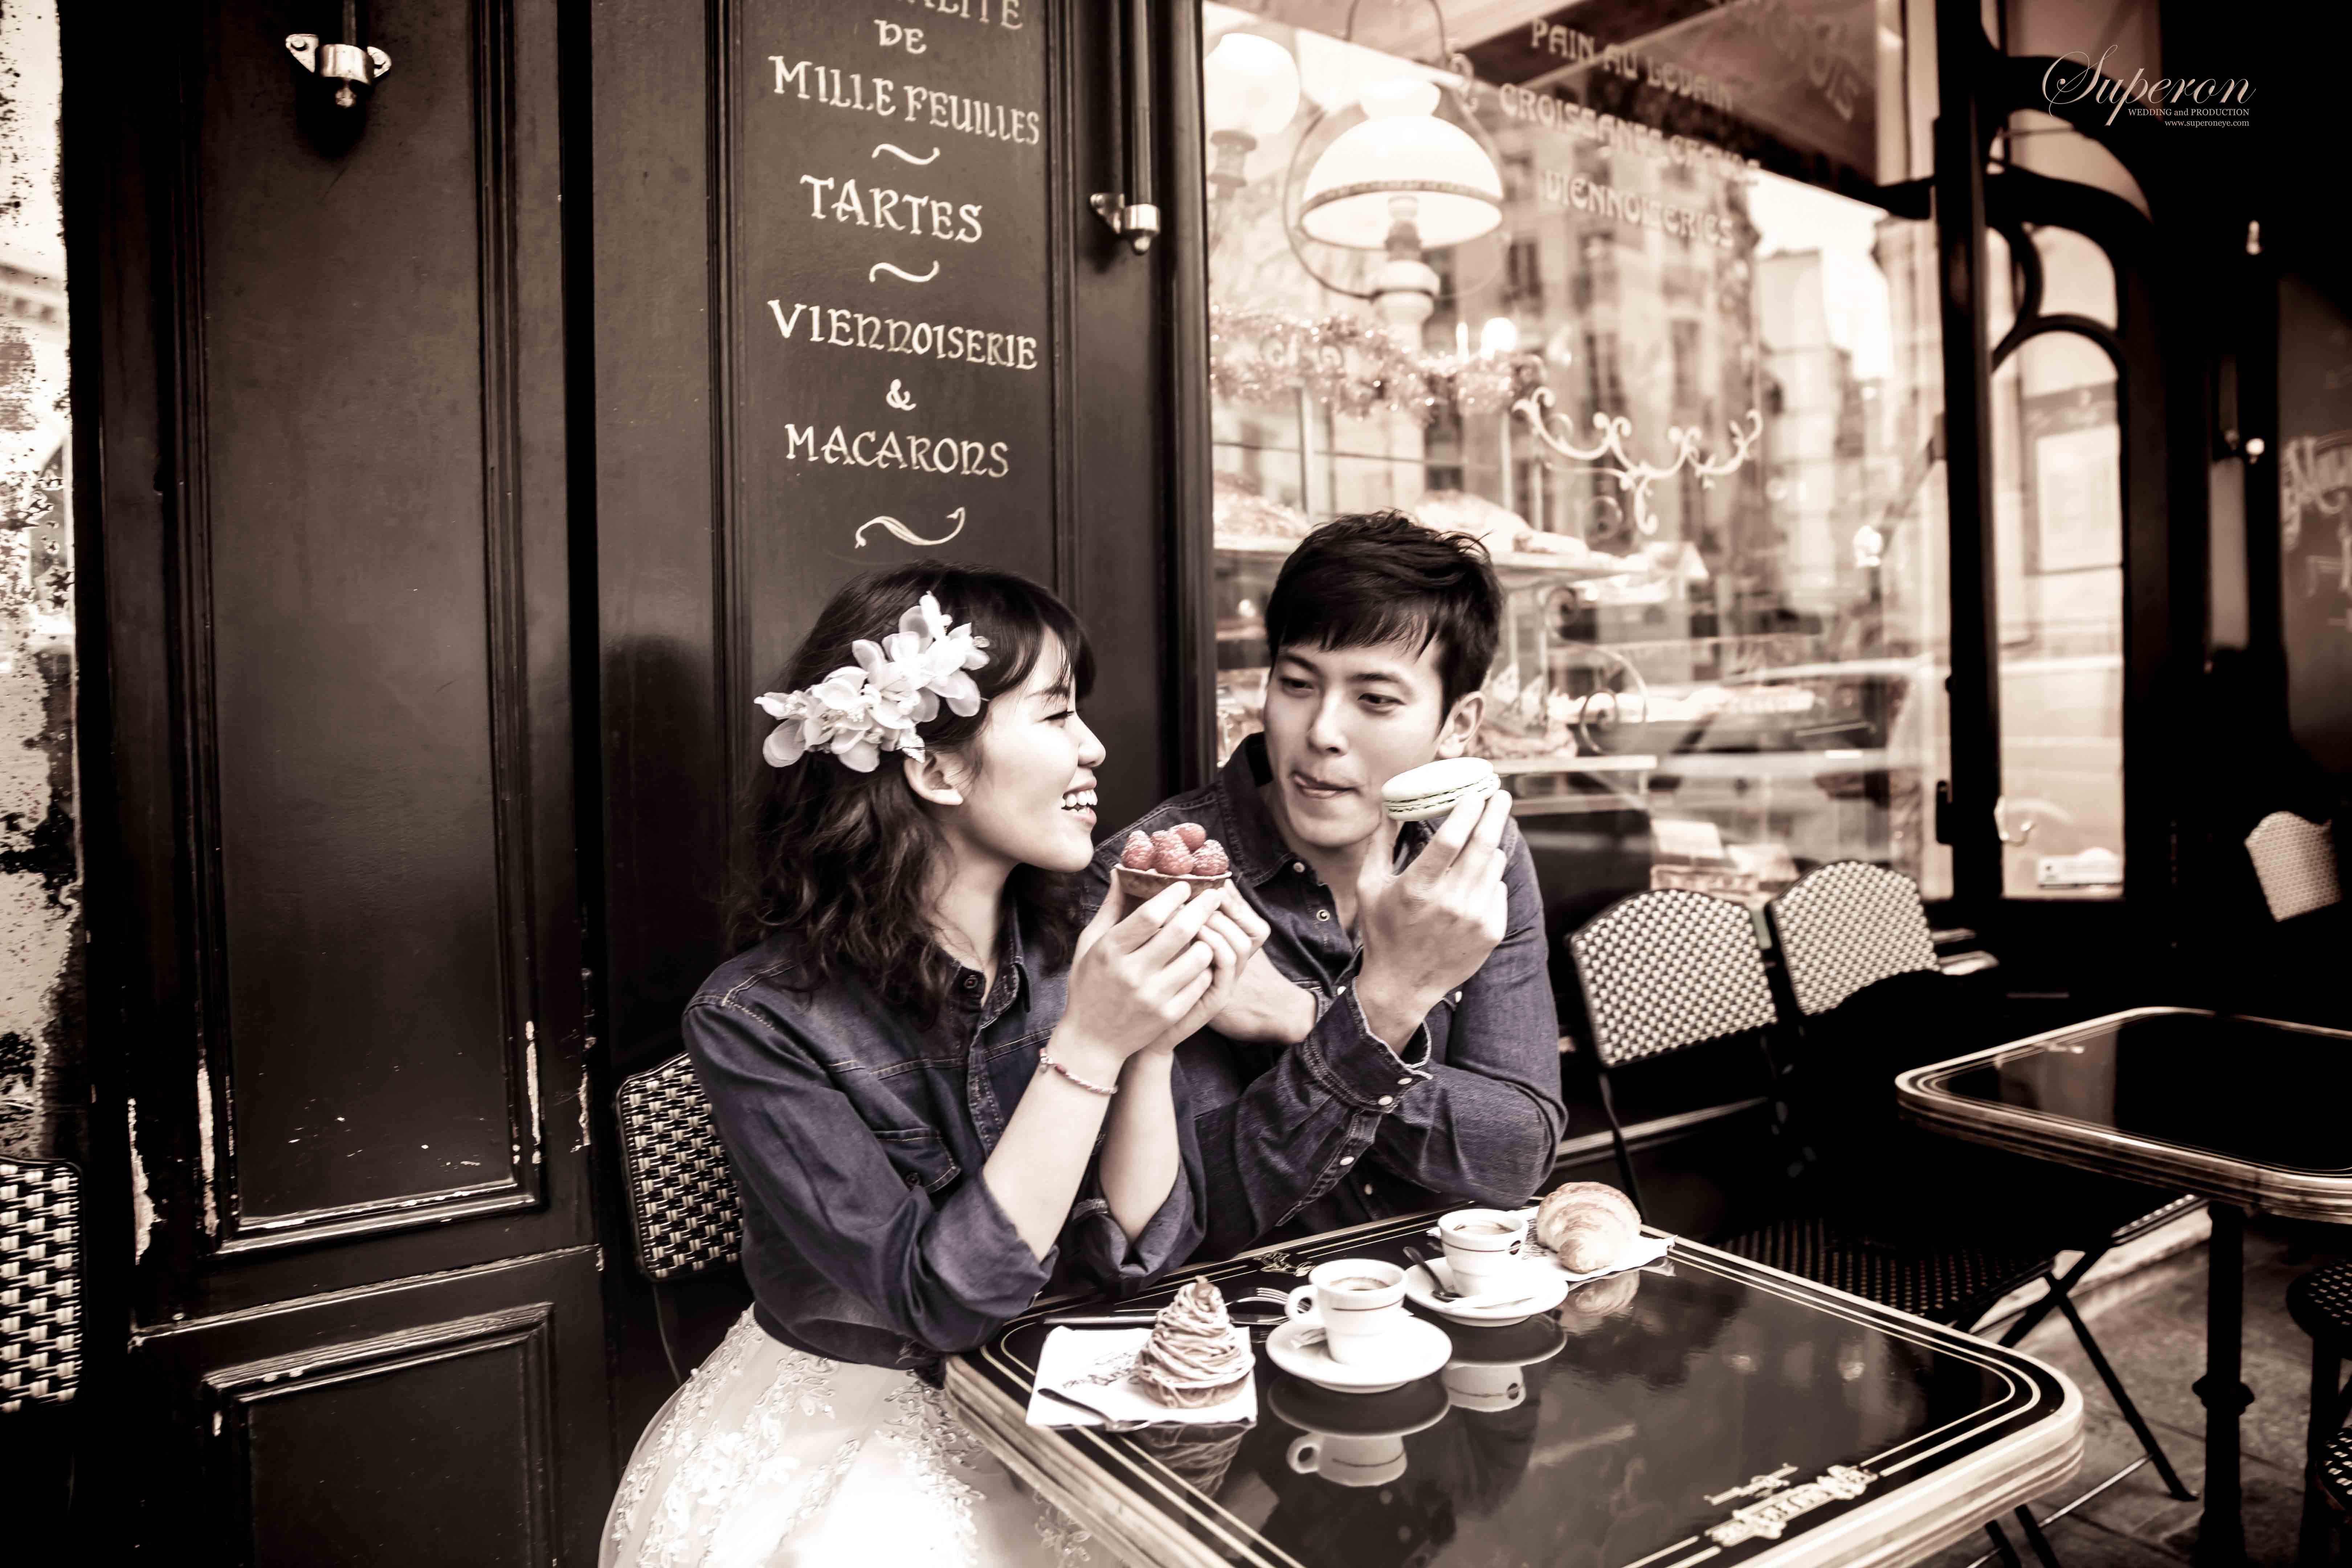 巴黎婚紗攝影   法國巴黎婚紗攝影   巴黎情侶旅拍